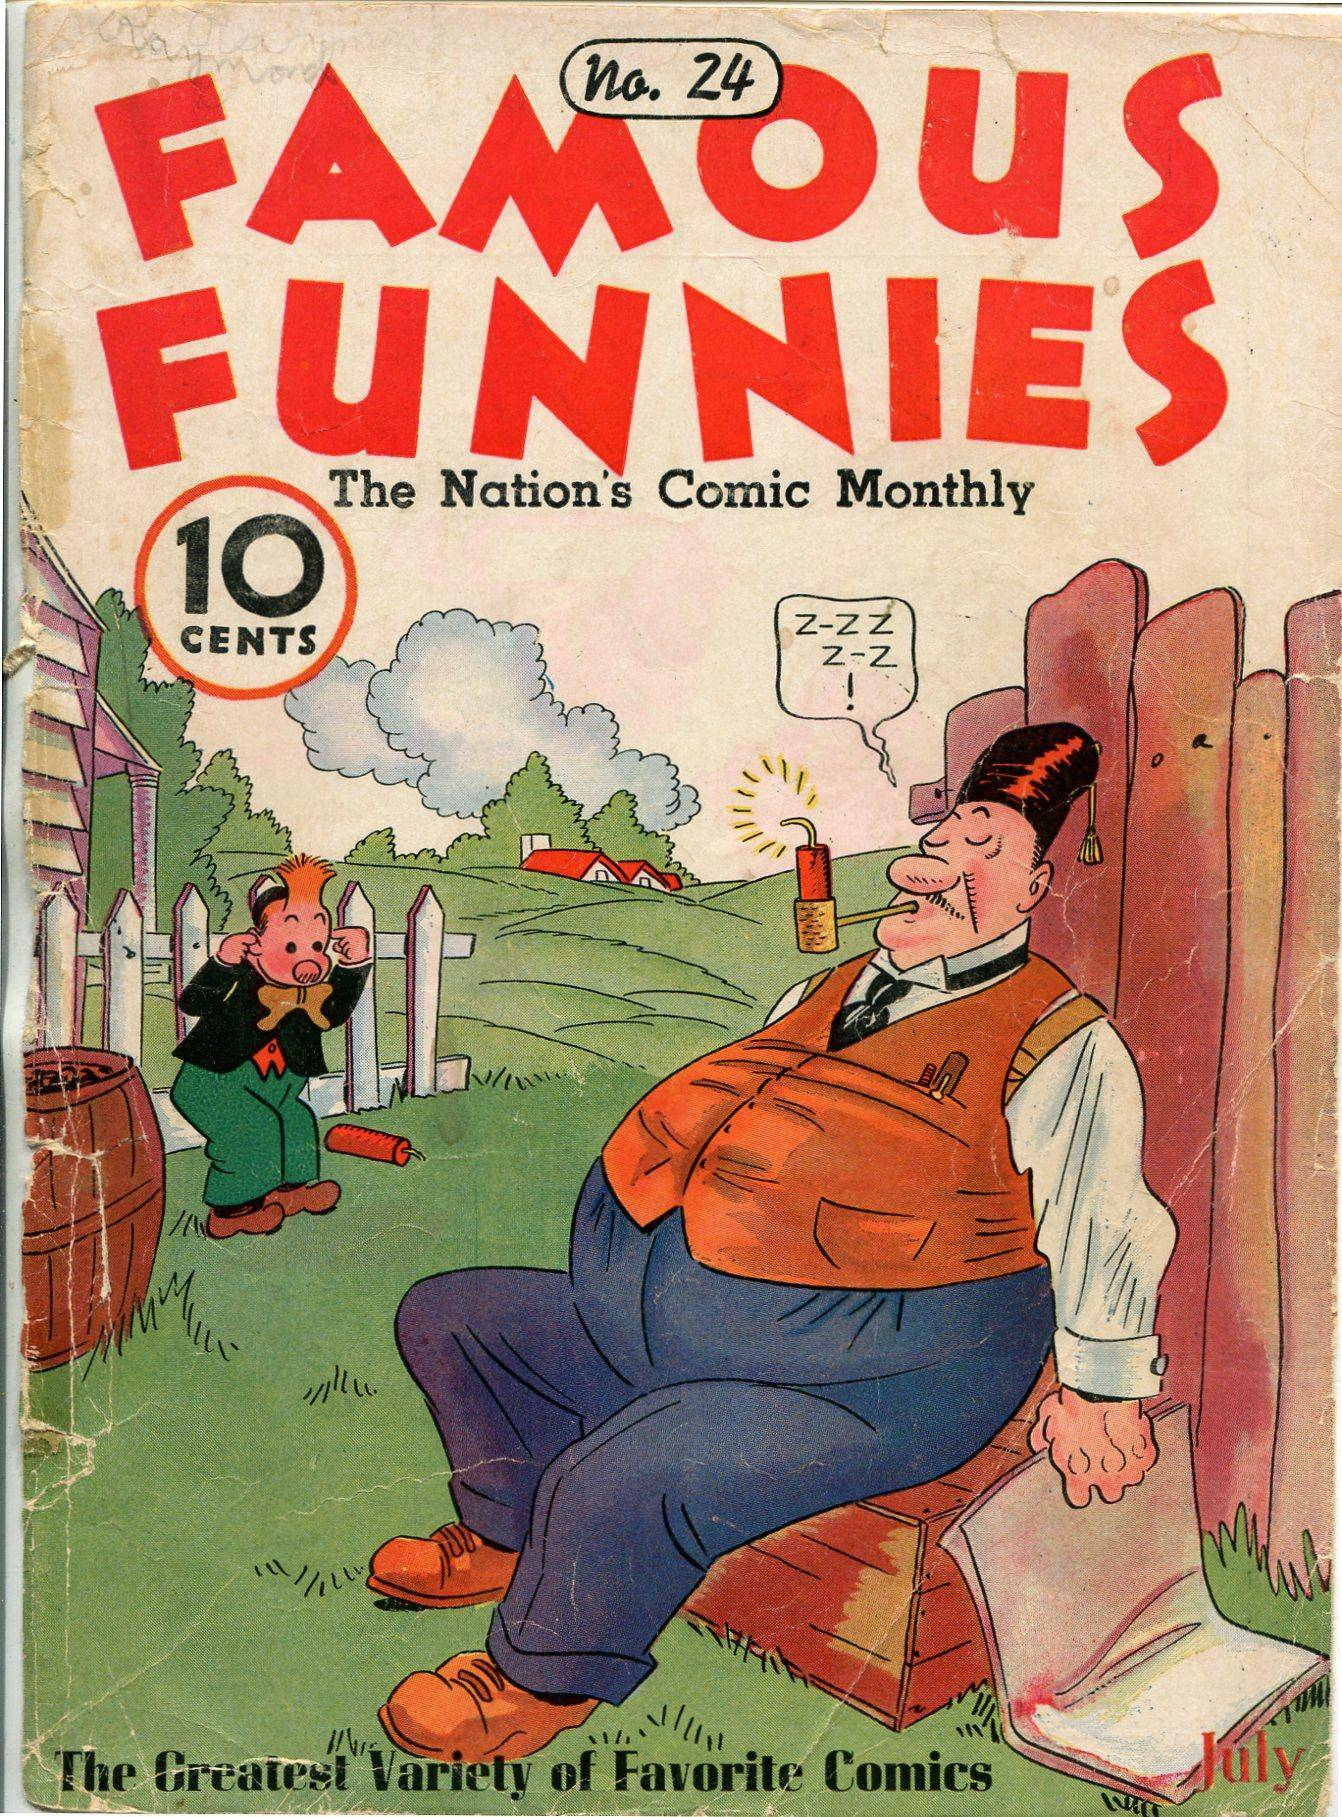 Famous Funnies 024 1936 no cf freddyfly-YocBRfills